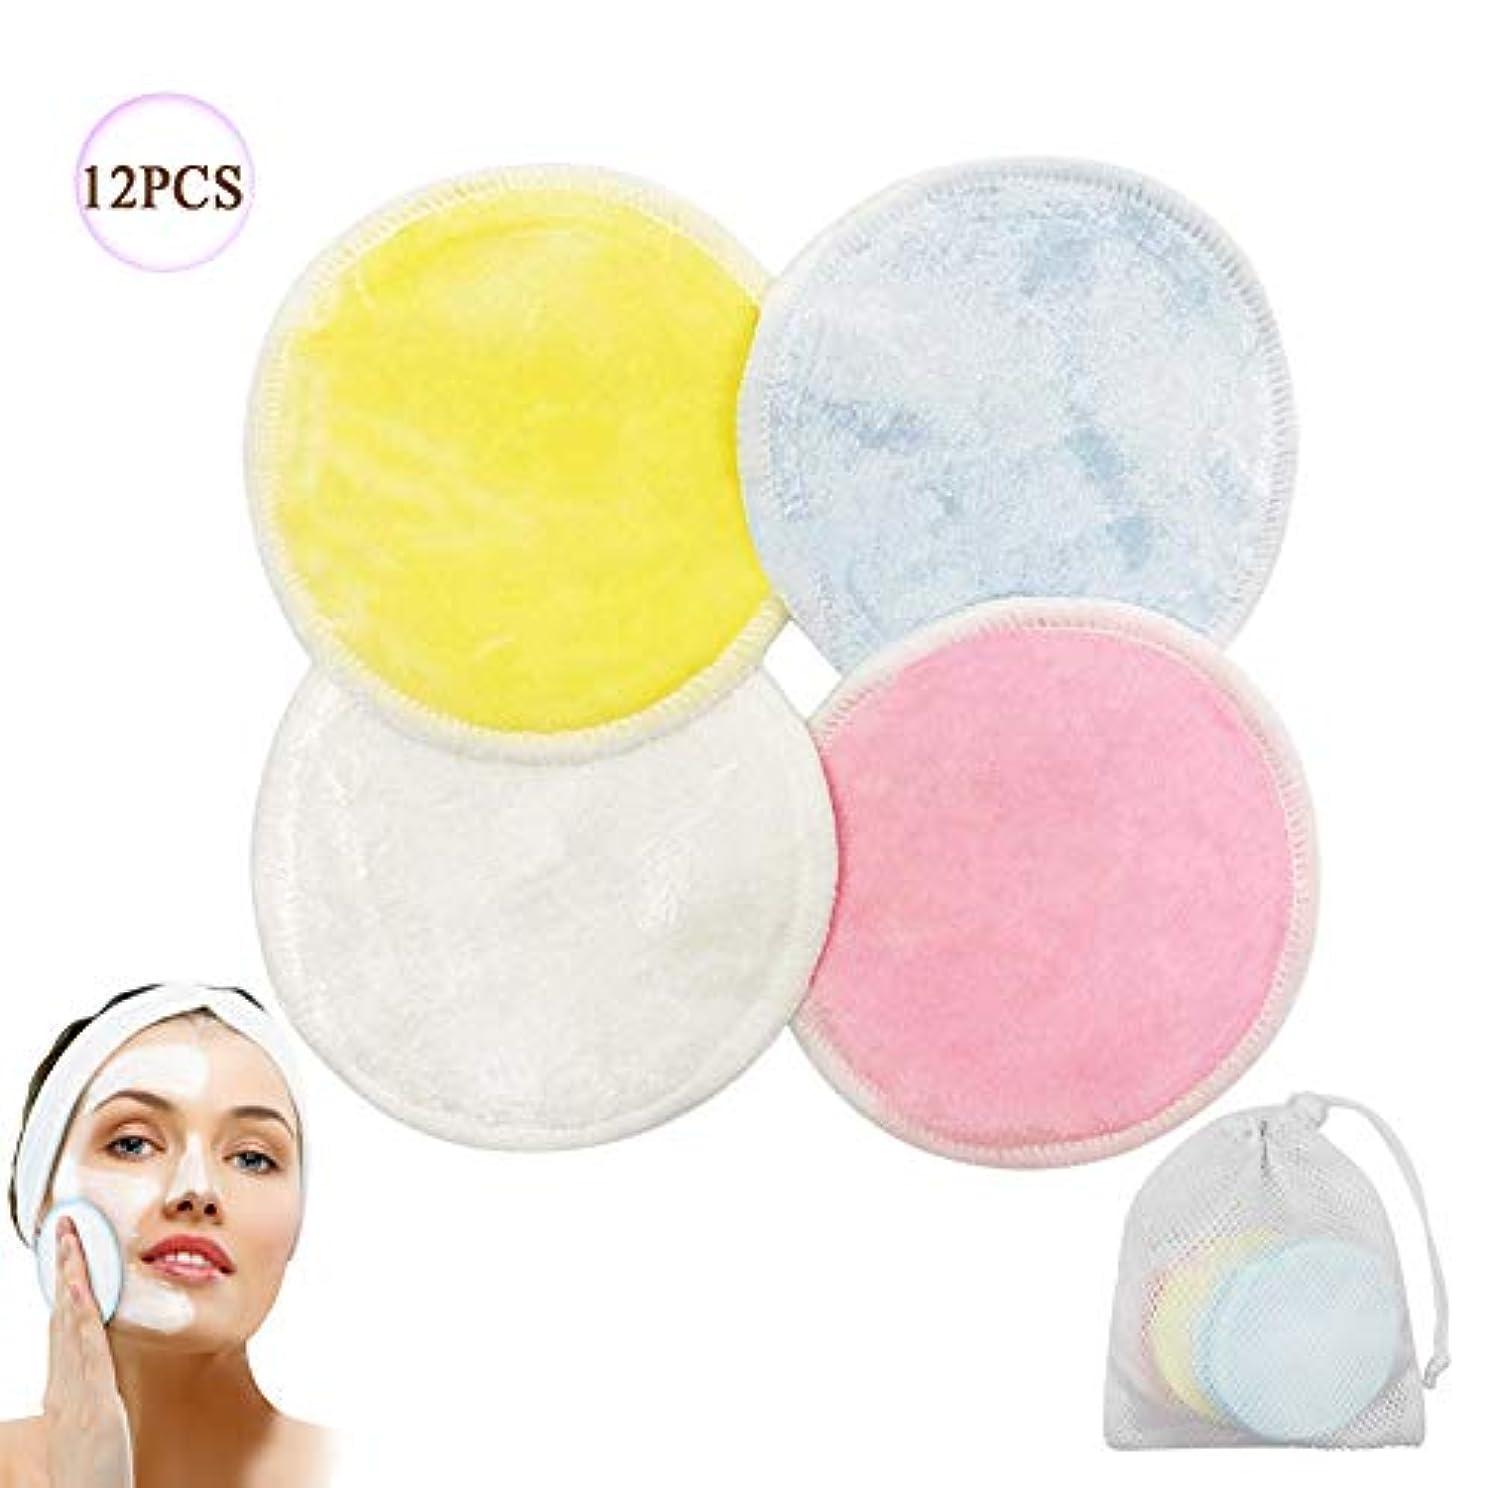 緯度名声オーストラリア人メイク落としパッド、再利用可能な竹綿パッド、洗えるワイプ、女性の顔/目/唇のための柔らかくて快適なランドリーバッグ,12PCS